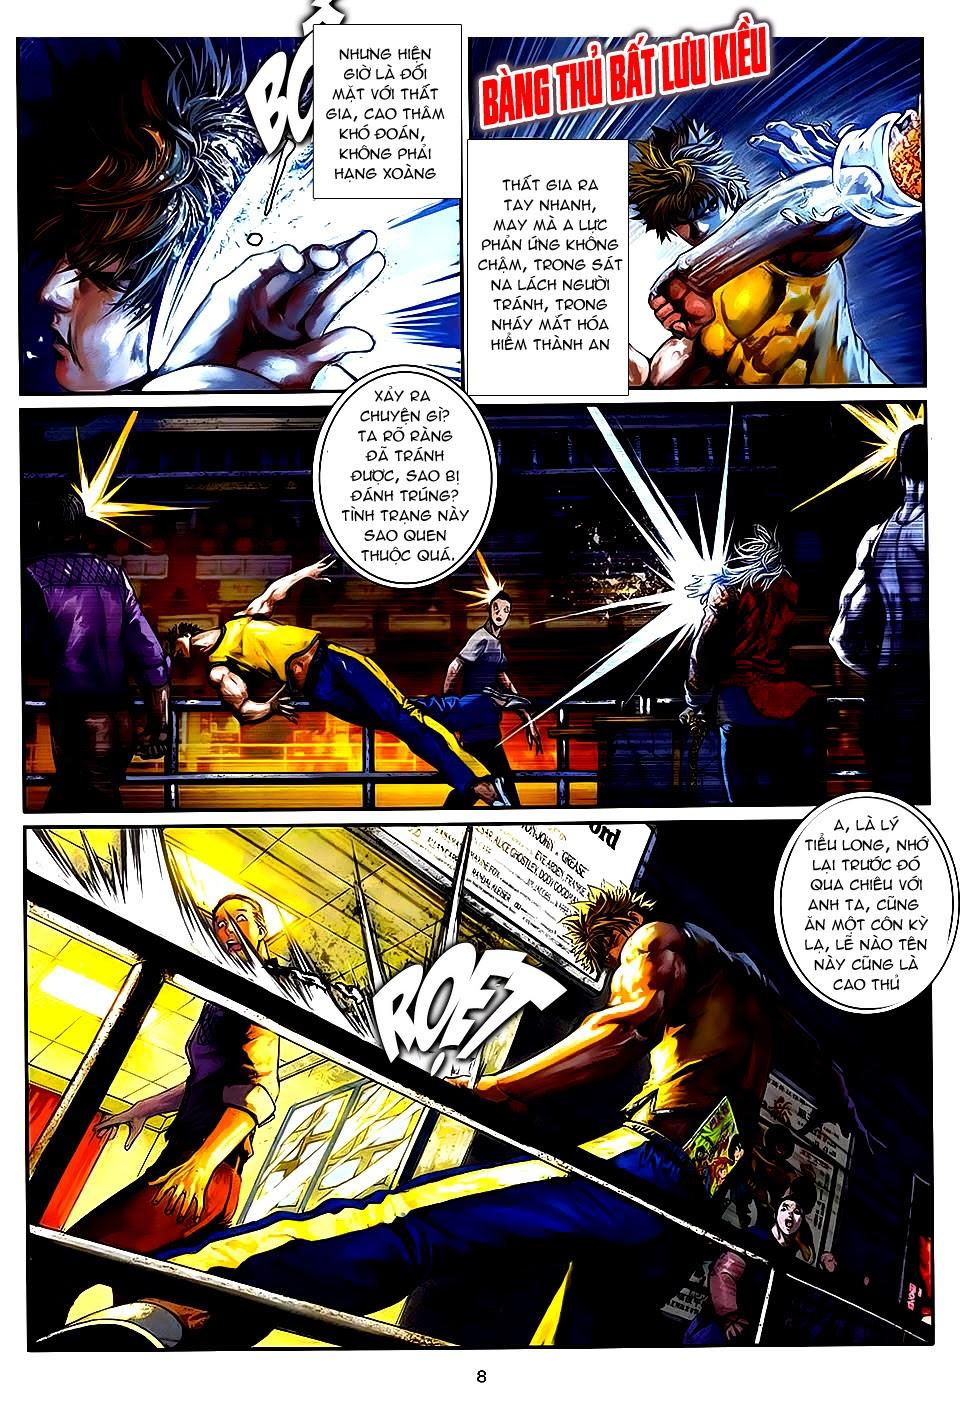 Quyền Đạo chapter 7 trang 7